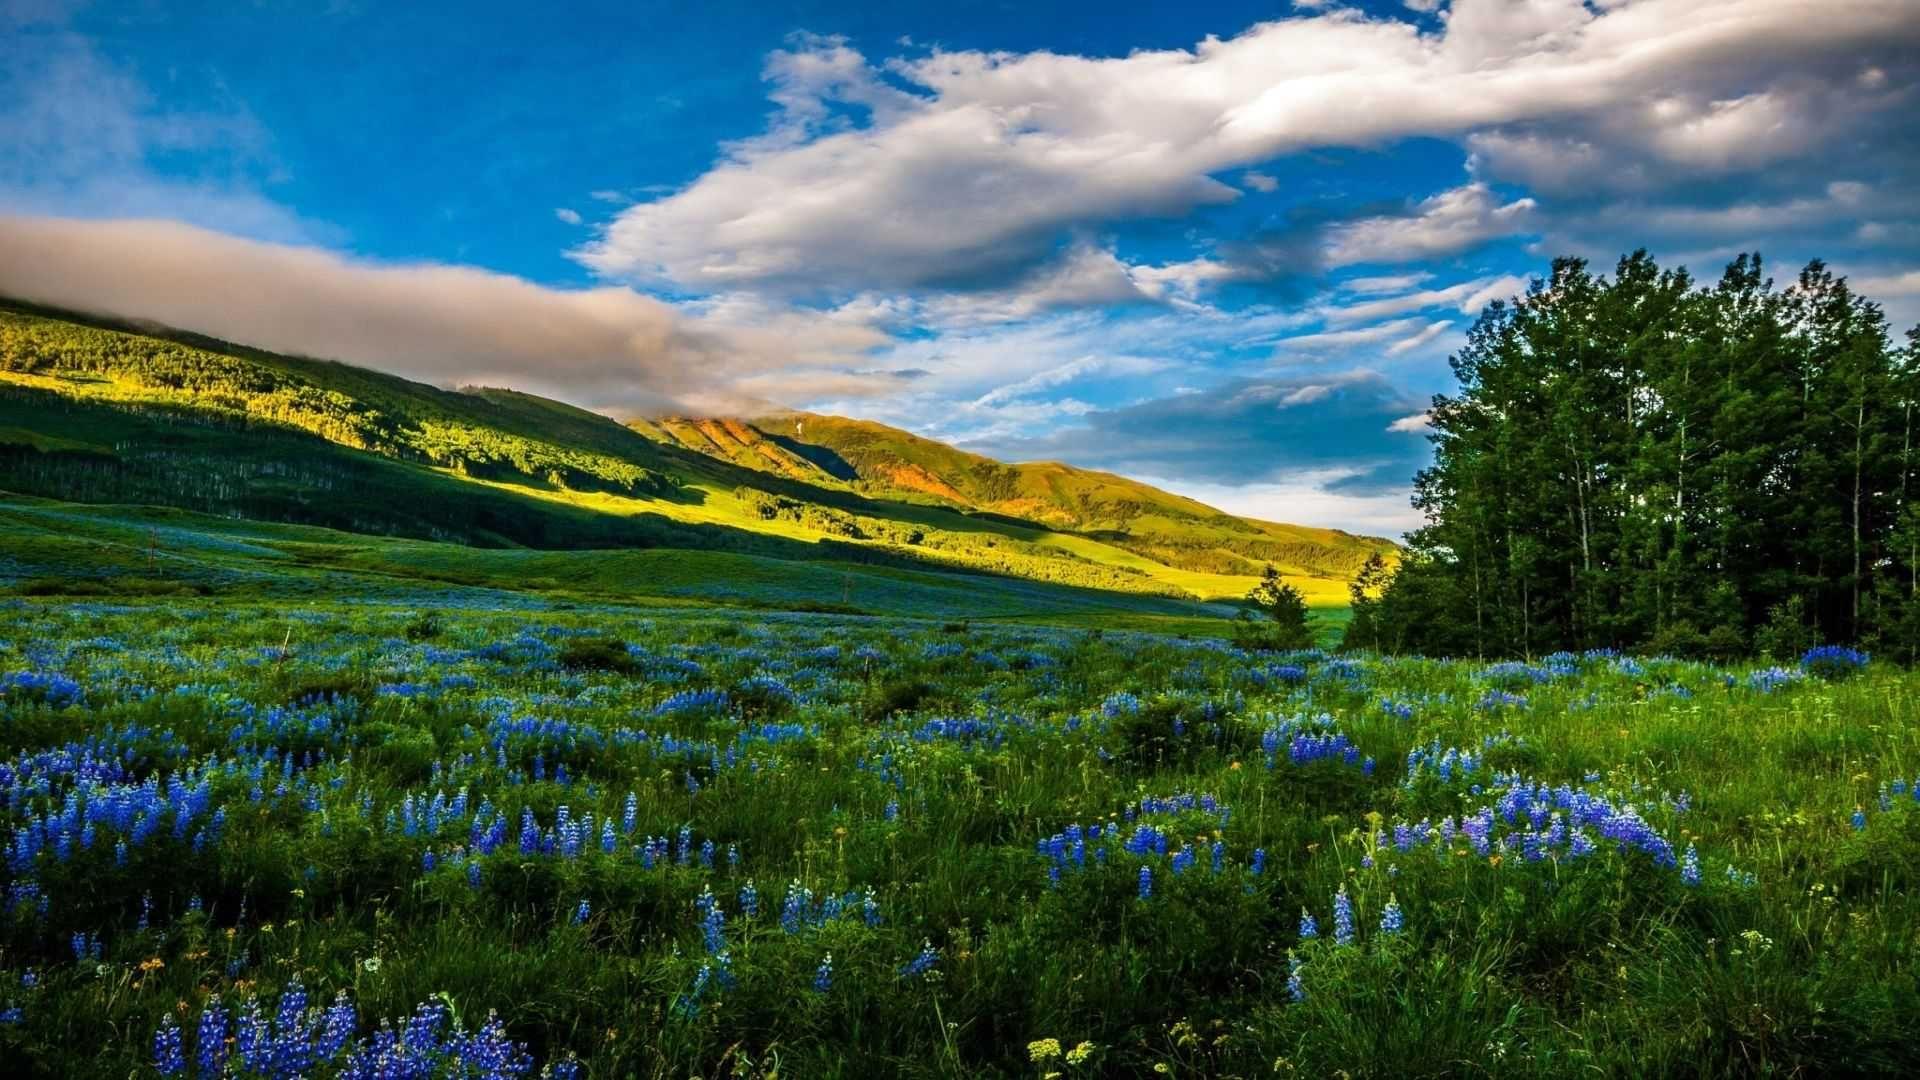 Meadow PC Wallpaper HD